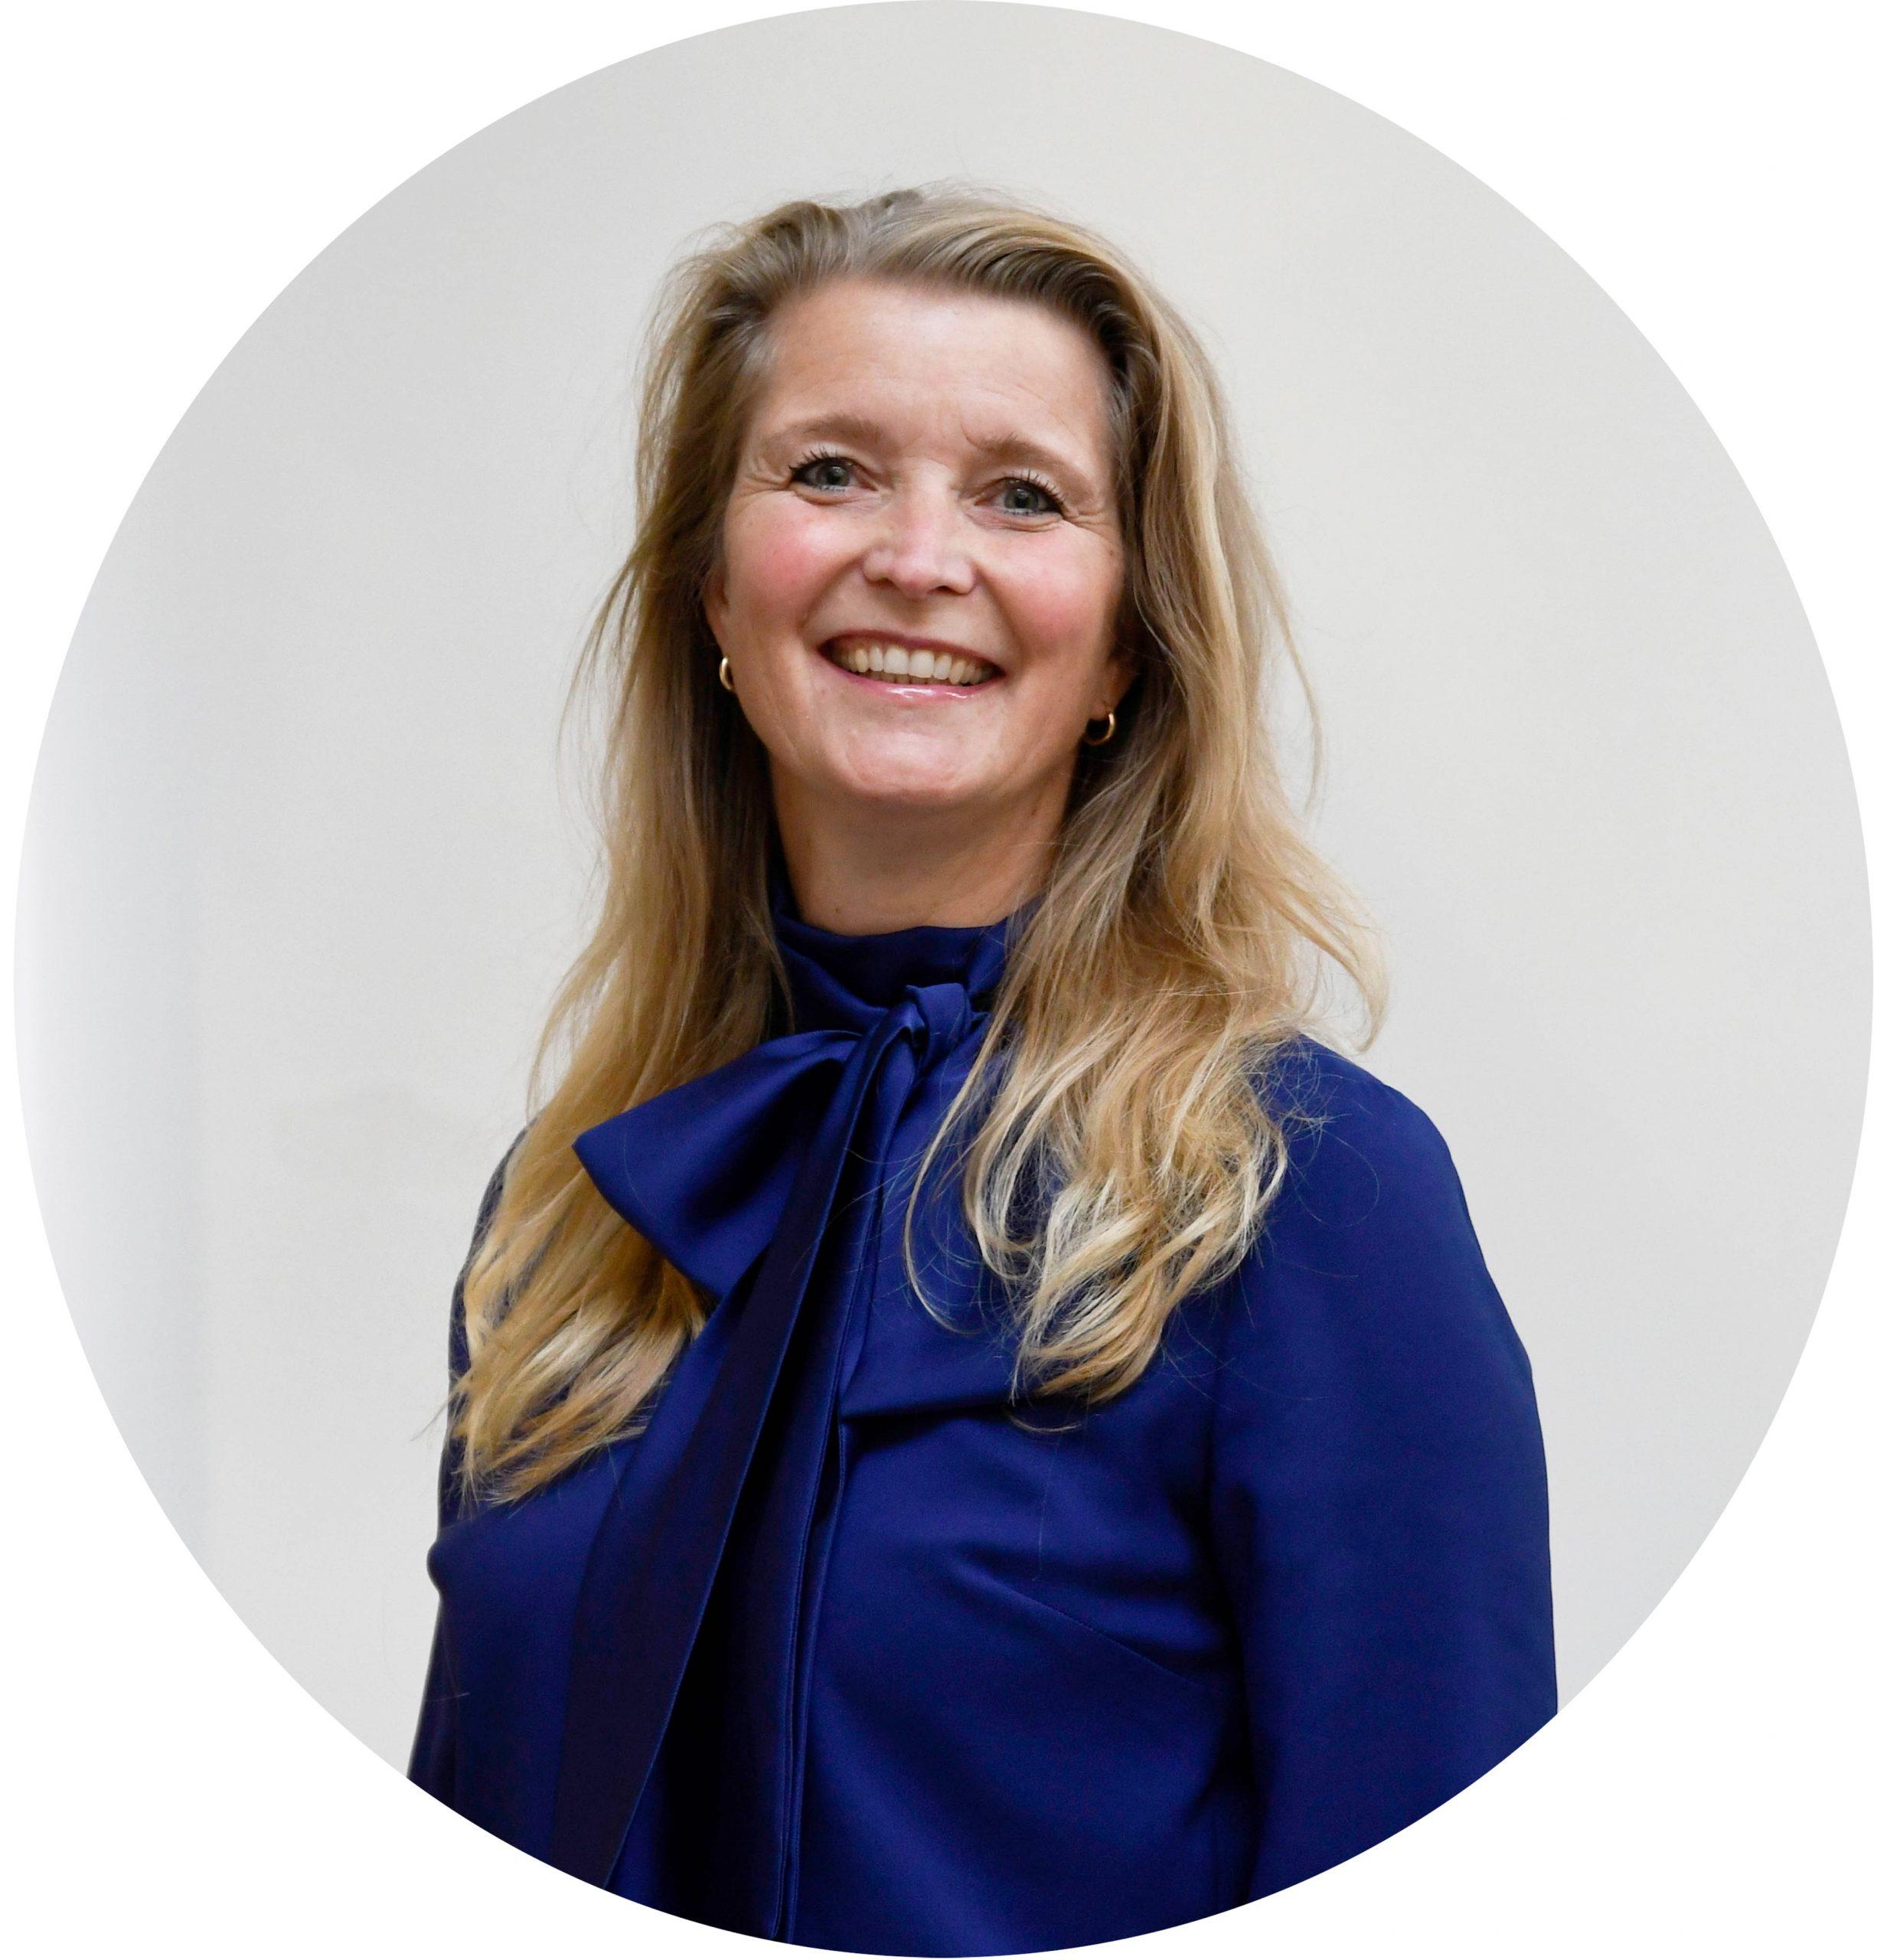 Karen de Wit-Bos